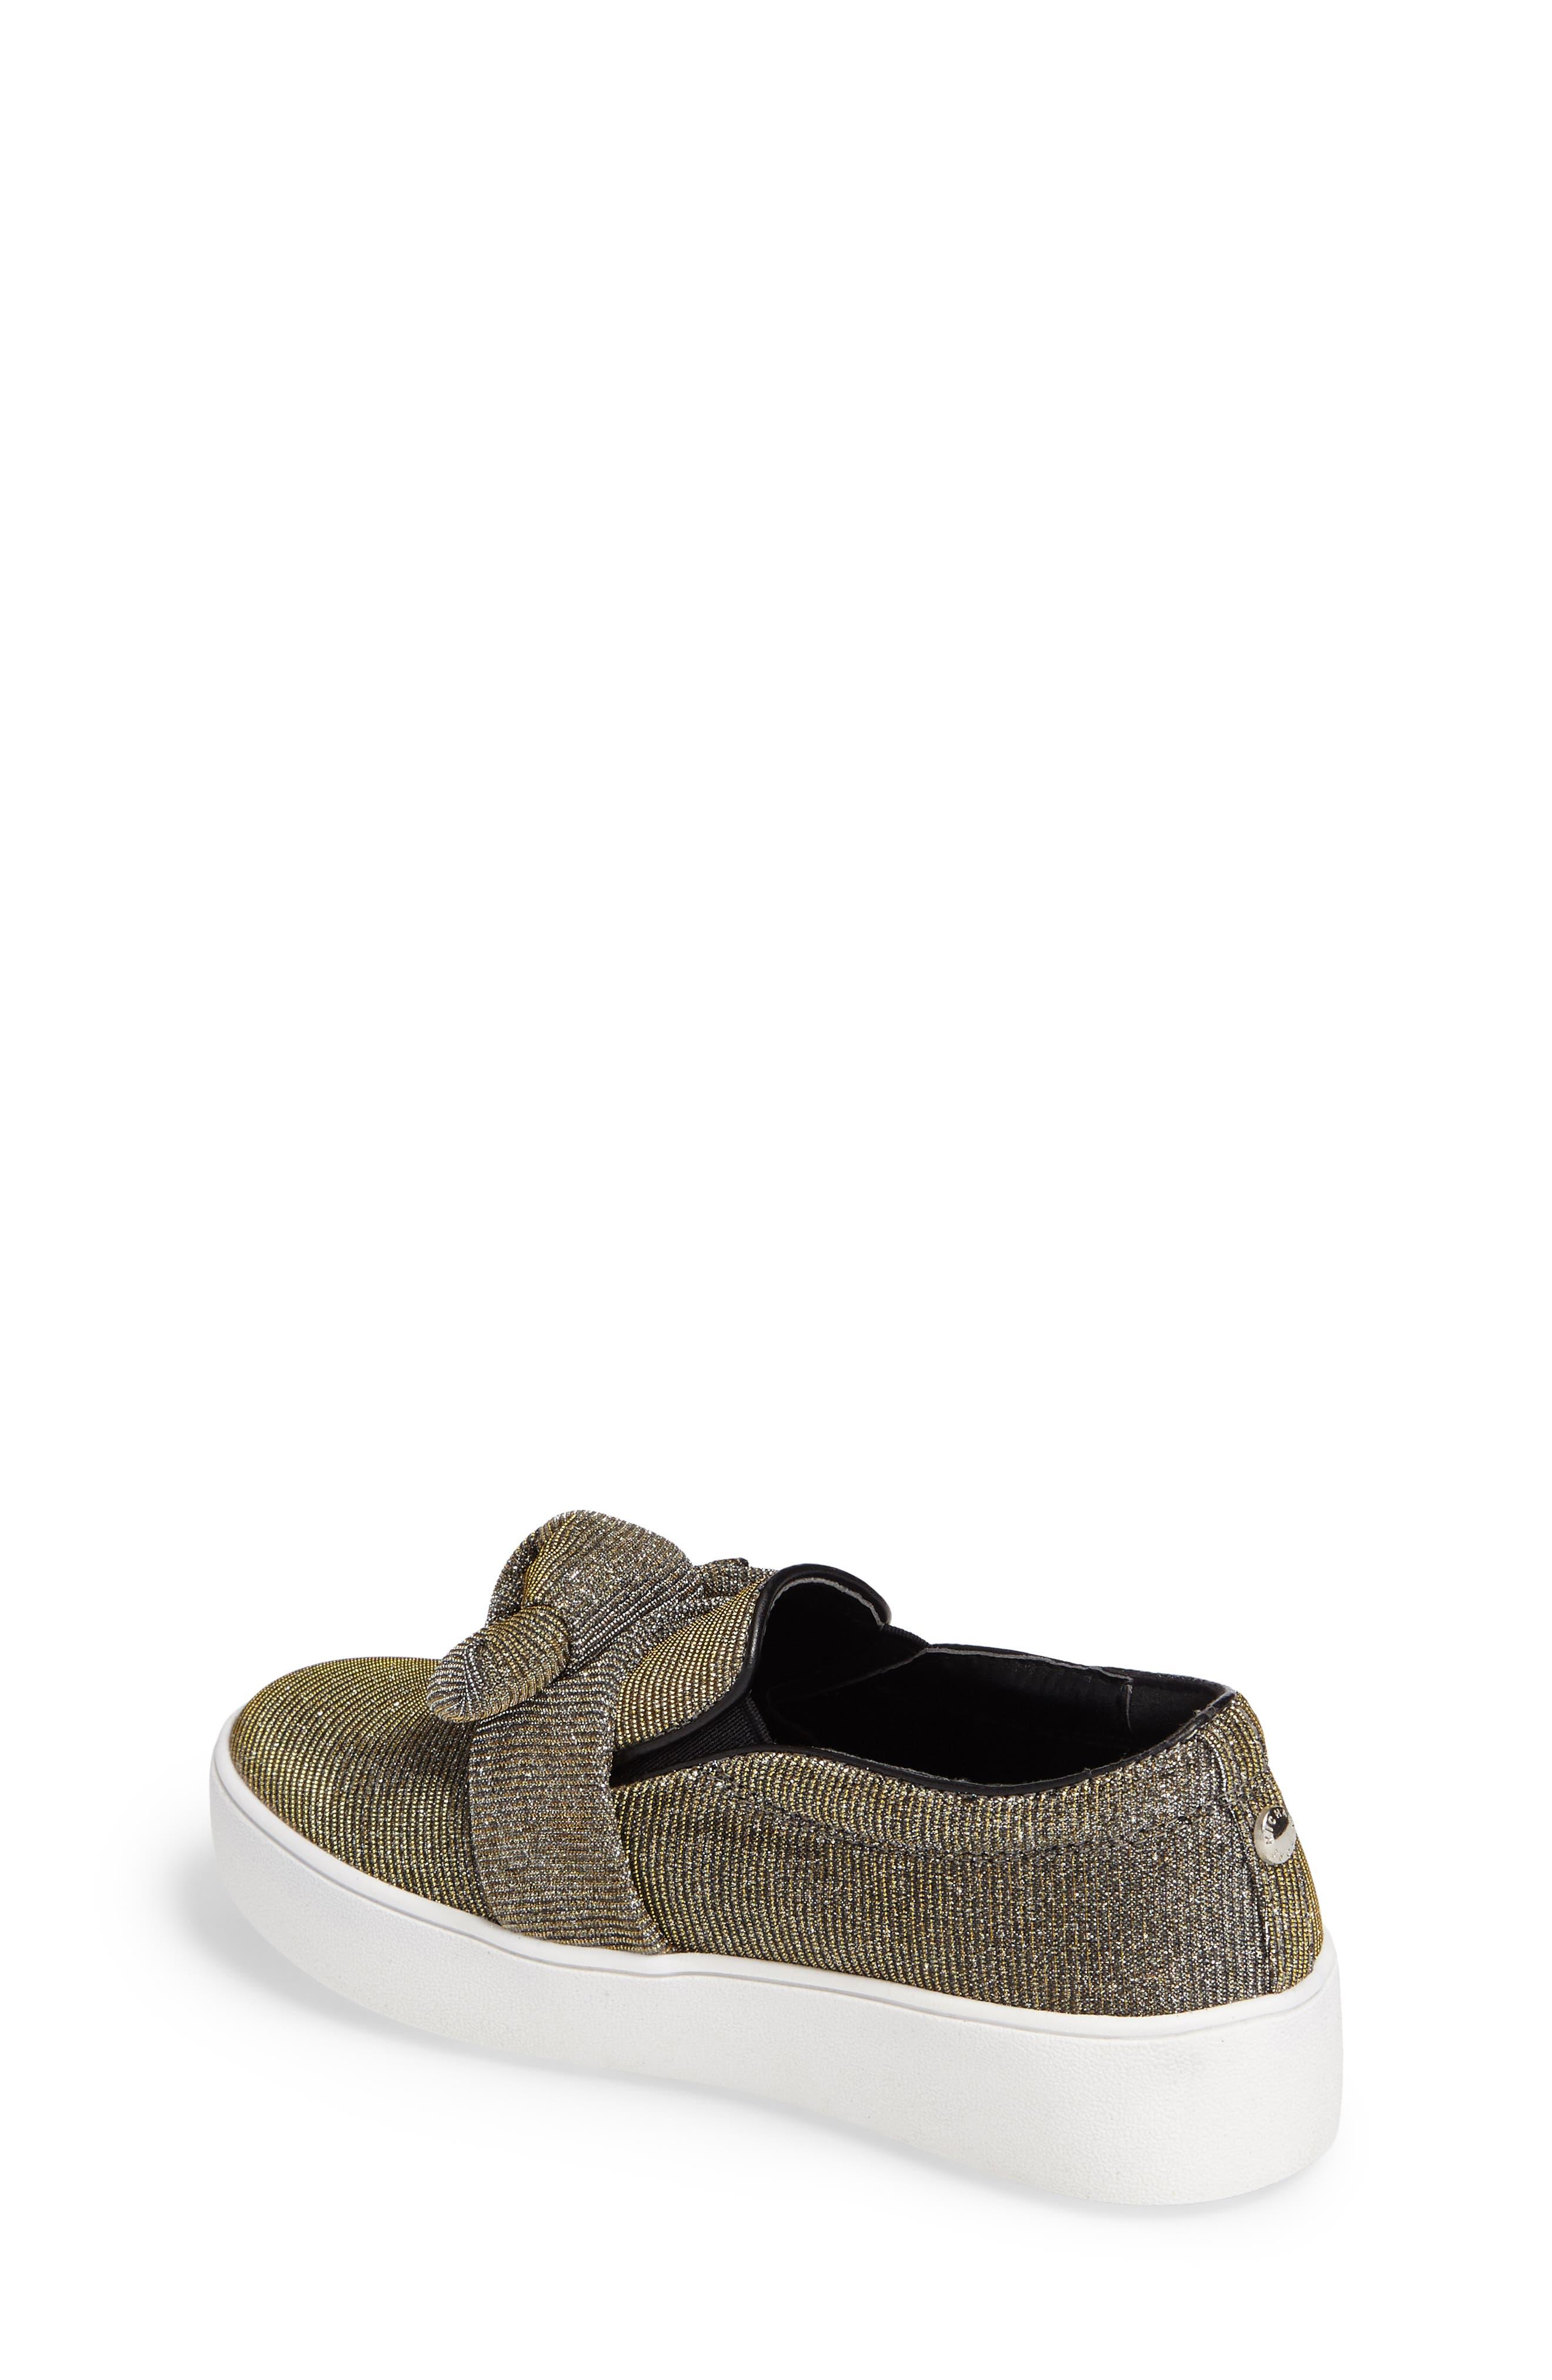 Alternate Image 2  - MICHAEL Michael Kors Maven Poppy Knotted Slip-On Sneaker (Walker, Toddler, Little Kid & Big Kid)